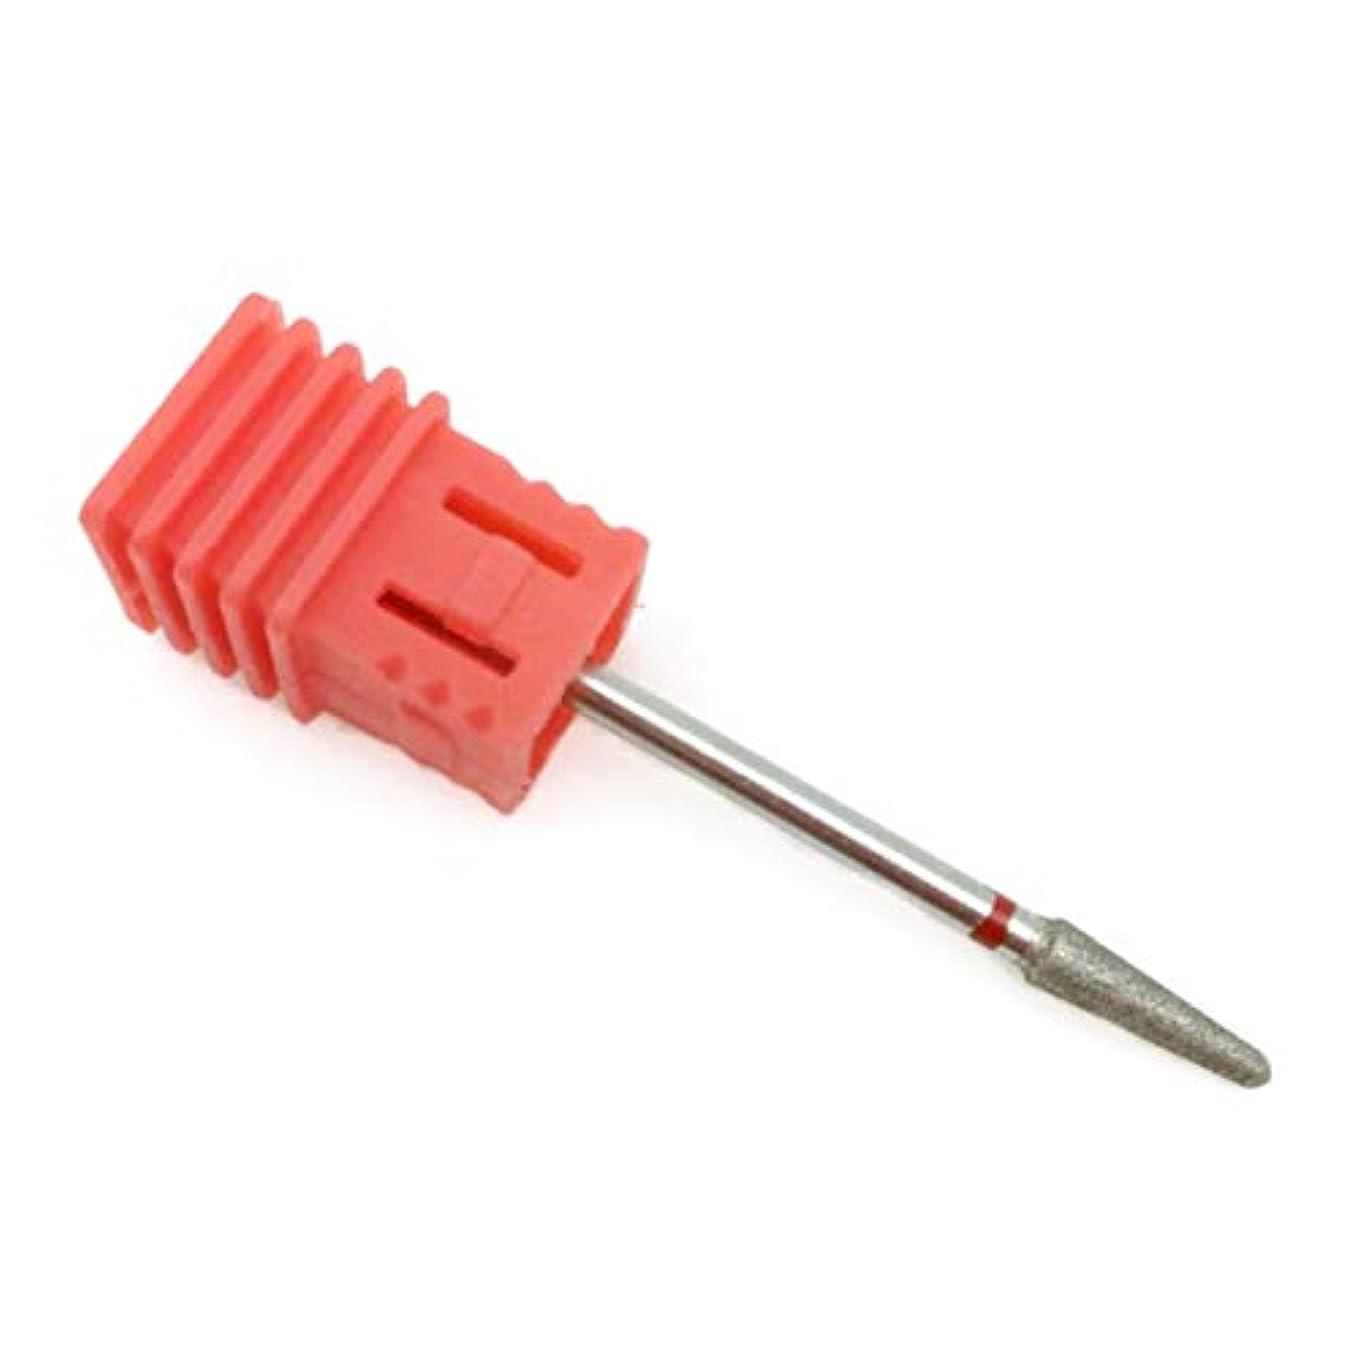 けがをする事ホバーOU-Kunmlef 新しいデザイン5タイプ赤ダイヤモンドネイルファイルビットバーミリングカッターマニキュア電気ネイルドリル爪アクセサリー(None D4)